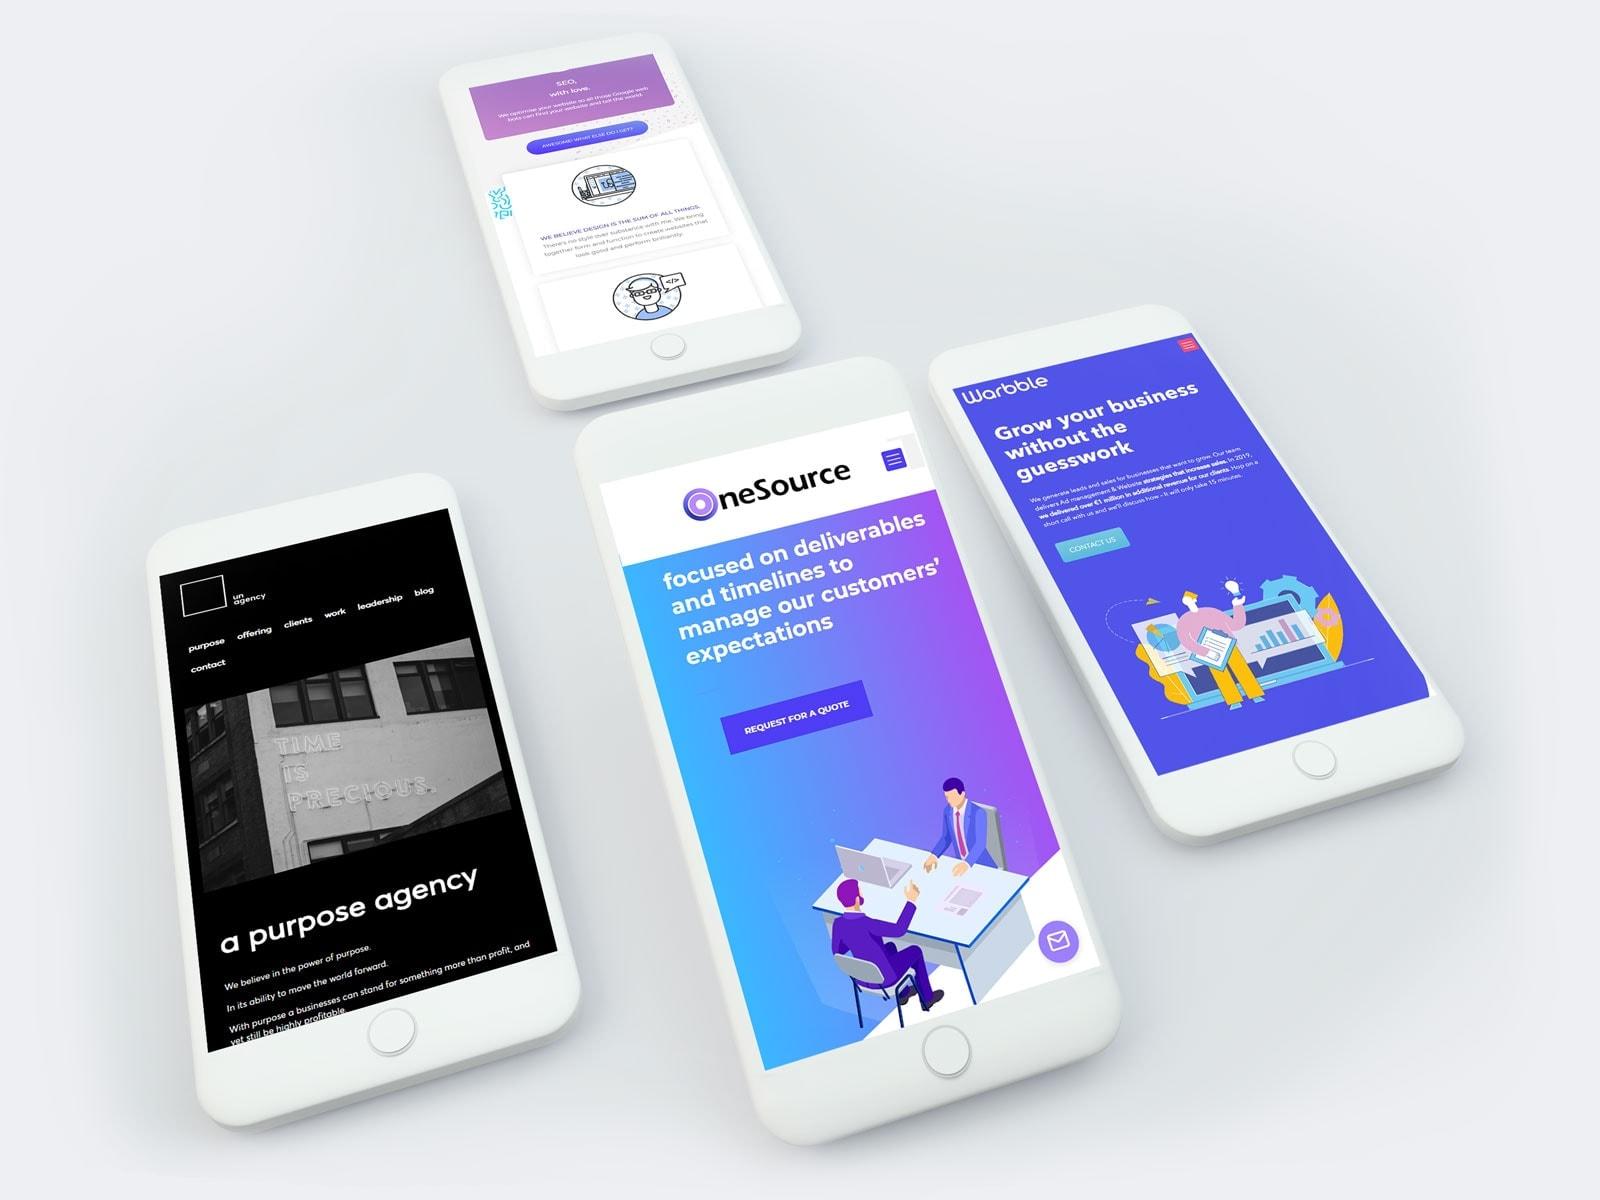 mobile e-commerce website development